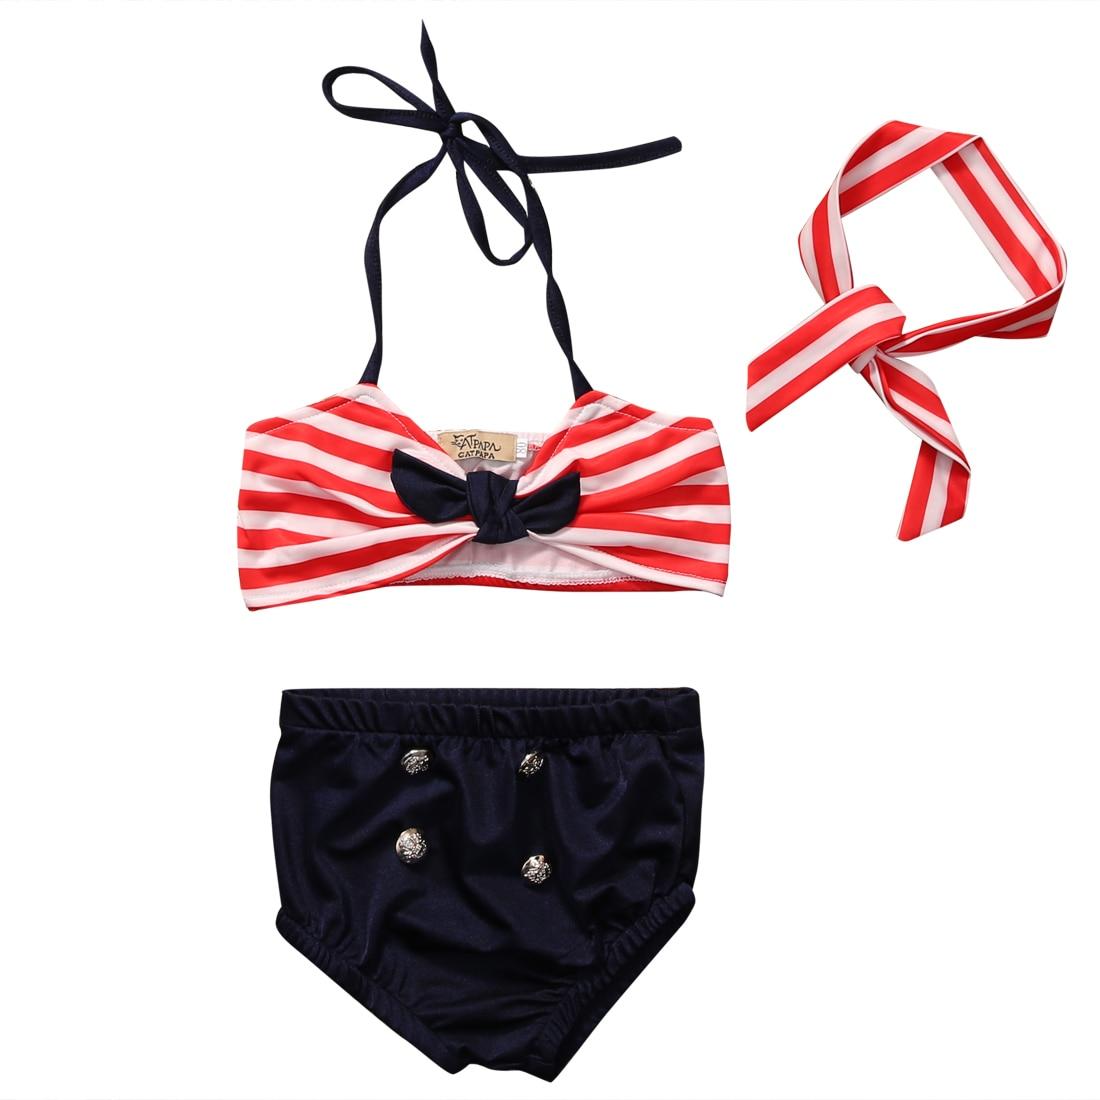 2017 novi dječji krevetić za bebe djevojke set kupaći kostimi - Dječja odjeća